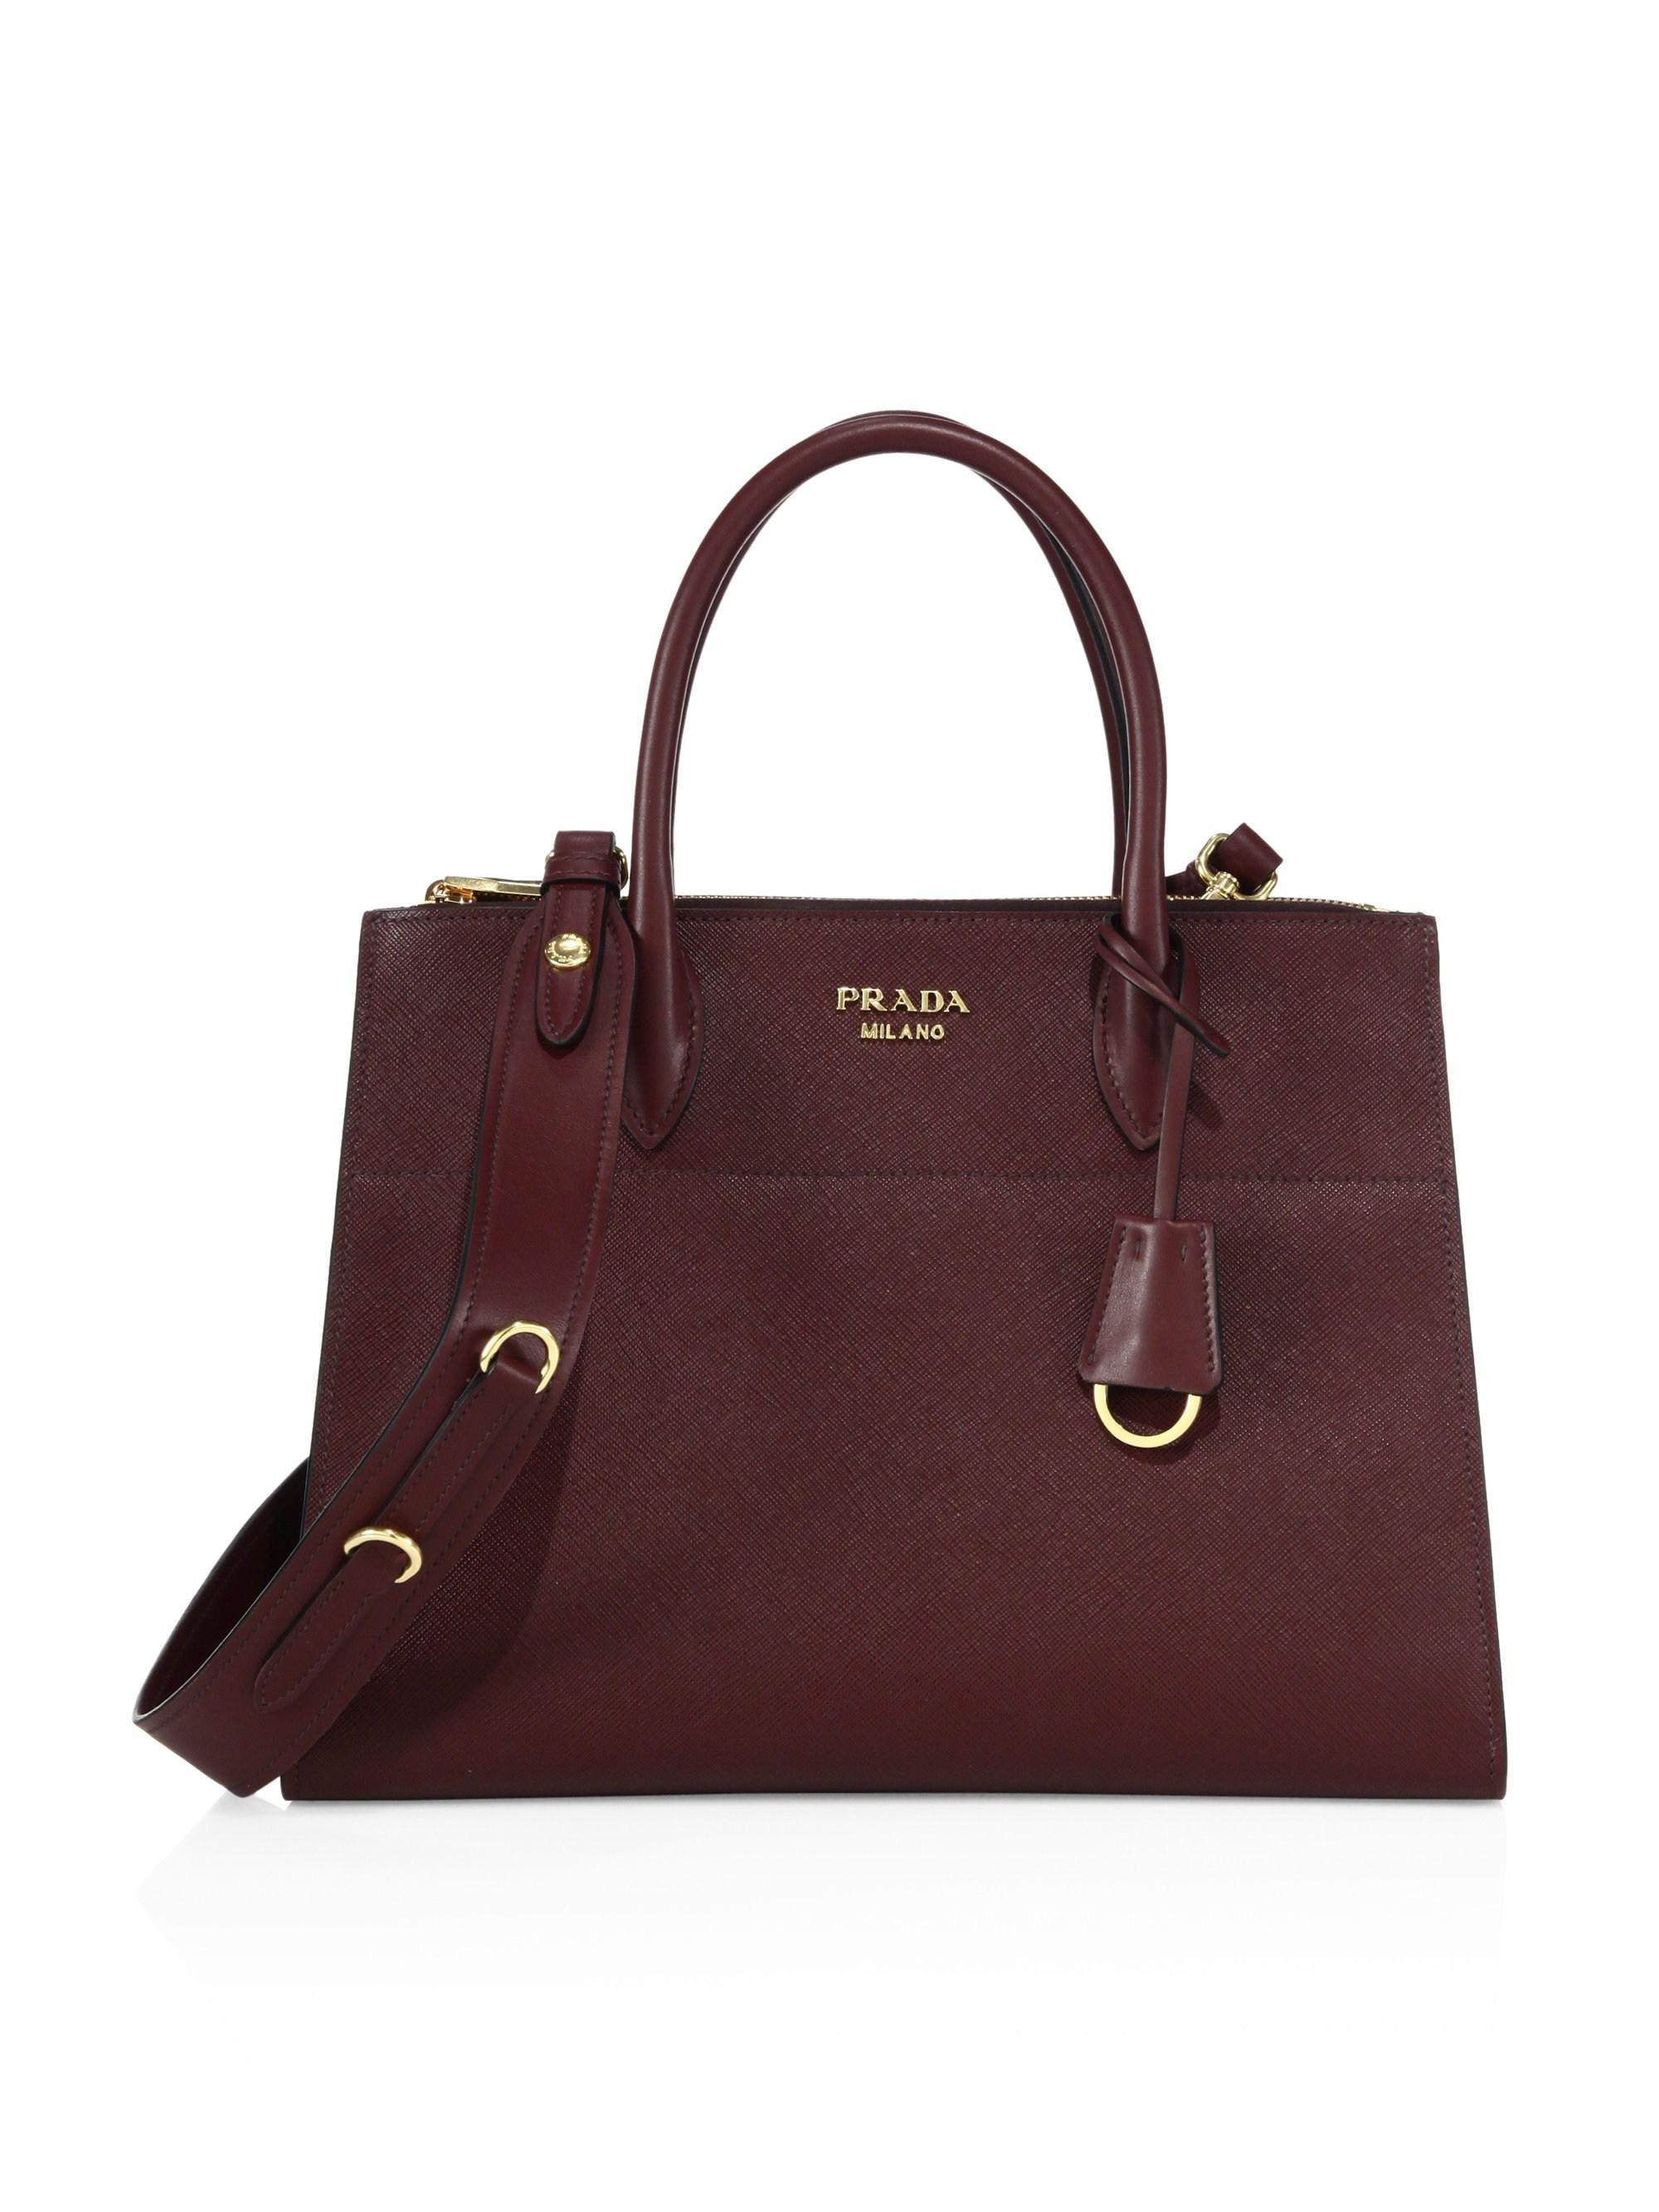 67a413f4f466 Lyst - Prada Women's Paradigme Saffiano Leather Satchel - Nero in Purple